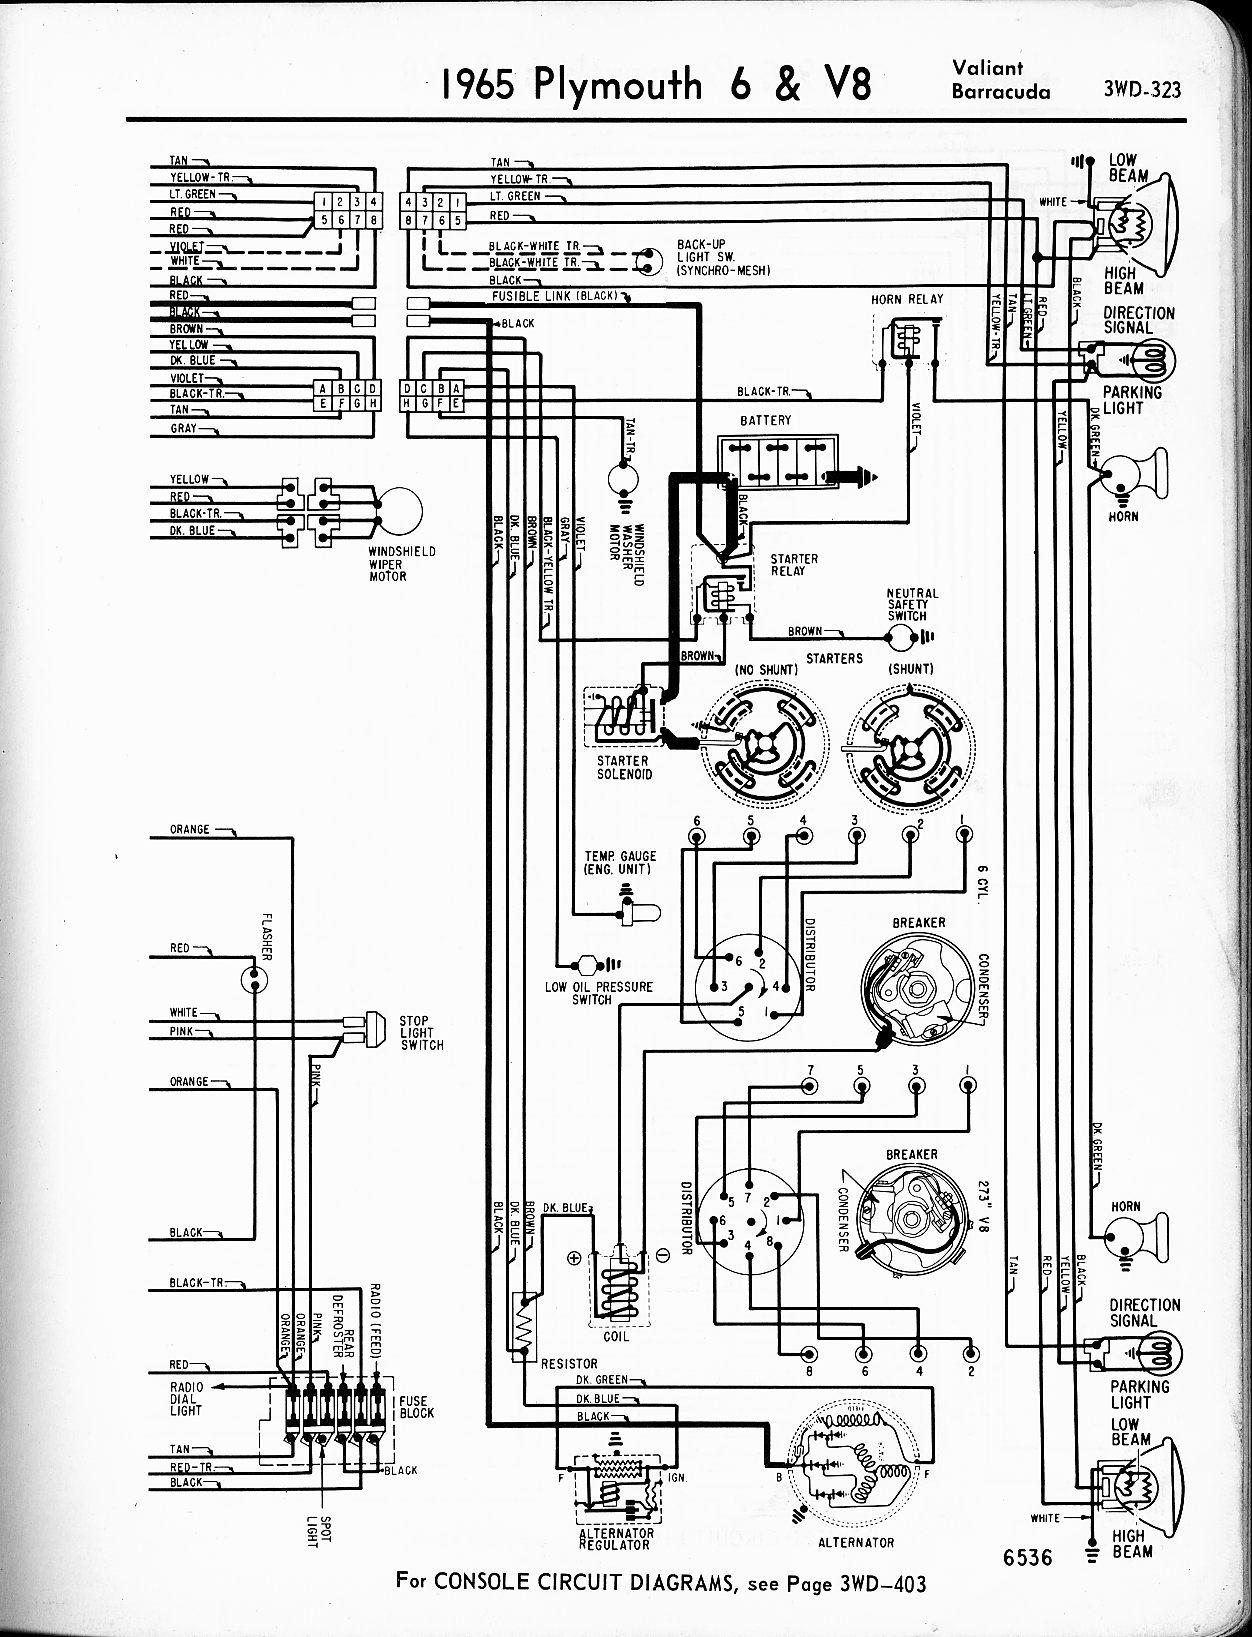 Famous Craftsman Mower Wiring Diagram 917 255692 Photos - Wiring ...